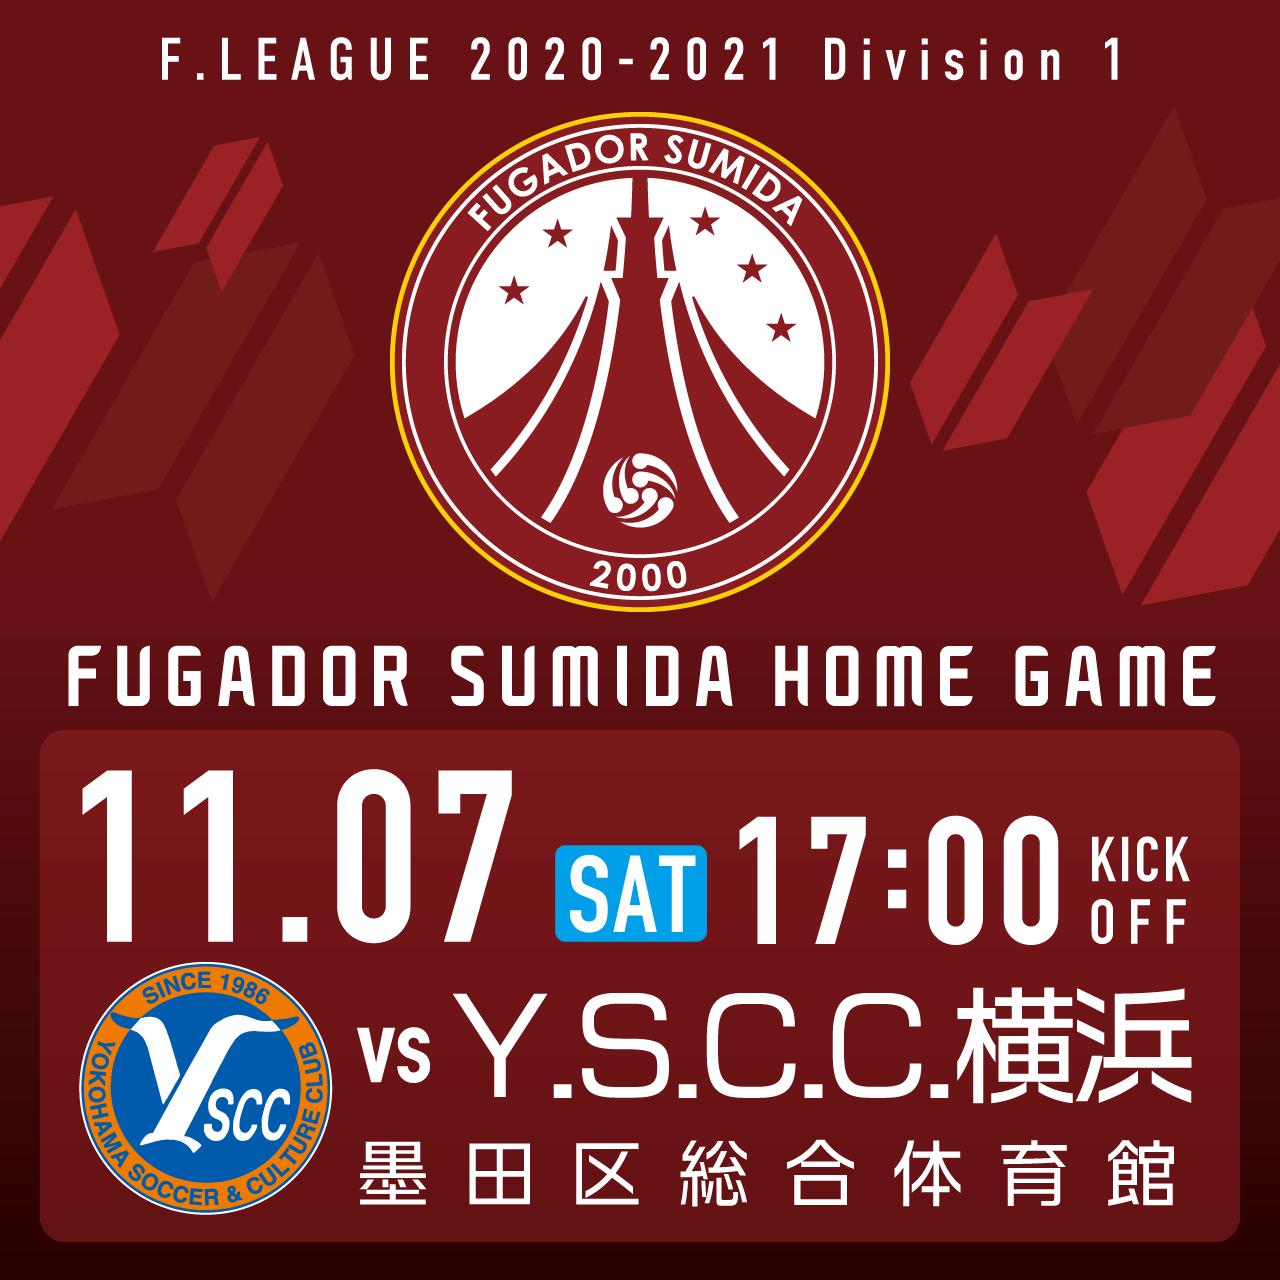 11/7(土) Fリーグ2020-2021 ディビジョン1 フウガドールすみだホームゲーム(Y.S.C.C.横浜戦)